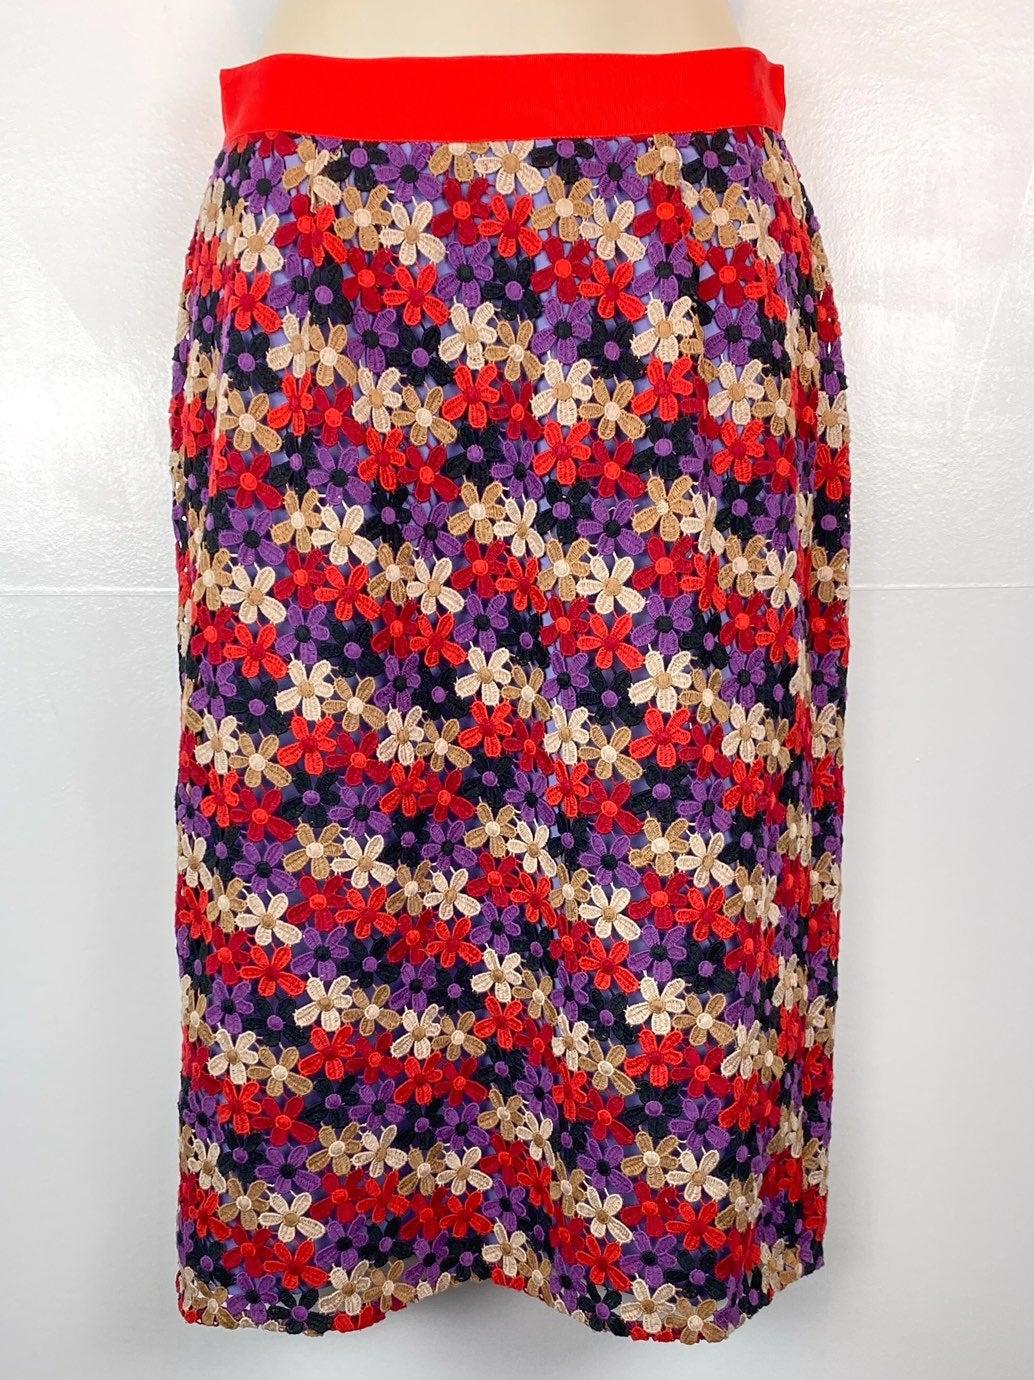 kate spade floral lace pencil skirt sz 2